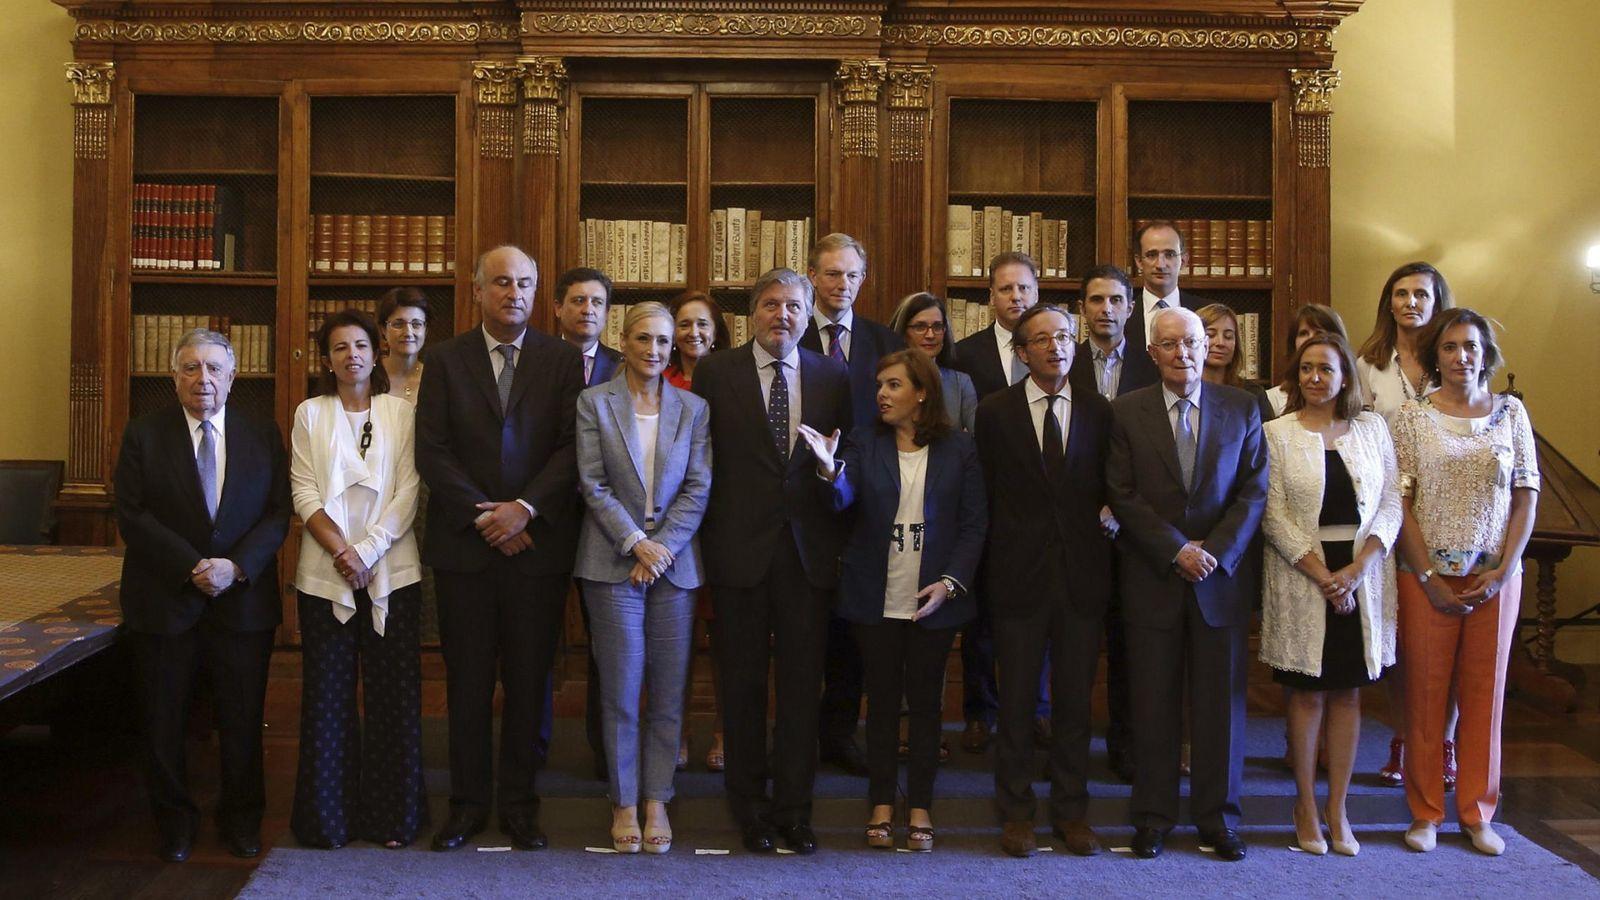 Foto: La presidenta de la Comunidad de Madrid, Cristina Cifuentes, y otras personalidades en la presentación del Centenario Cervantes. (EFE)